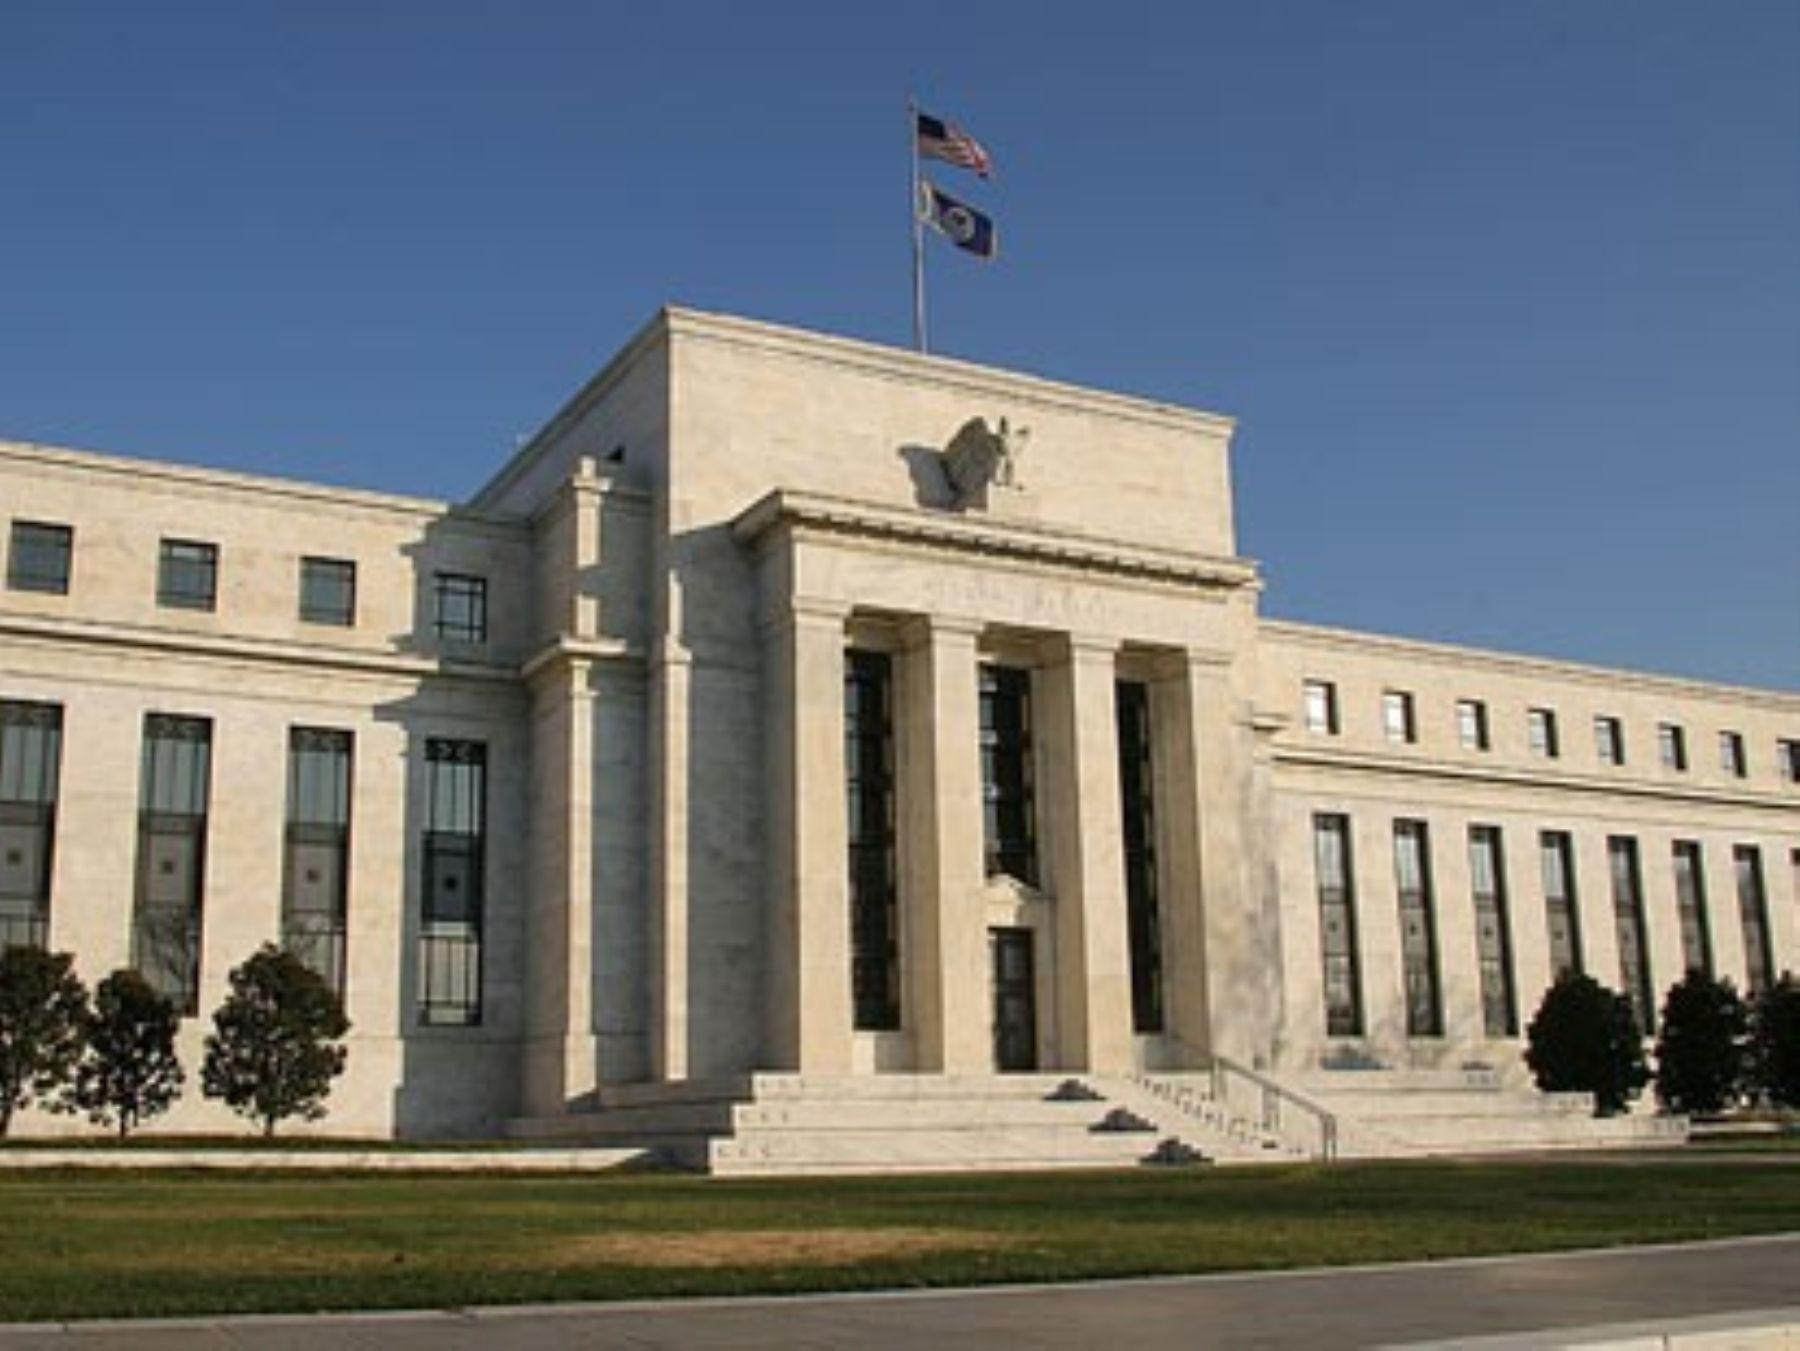 Desplome de mercados financieros: el rol de las tasas de interés